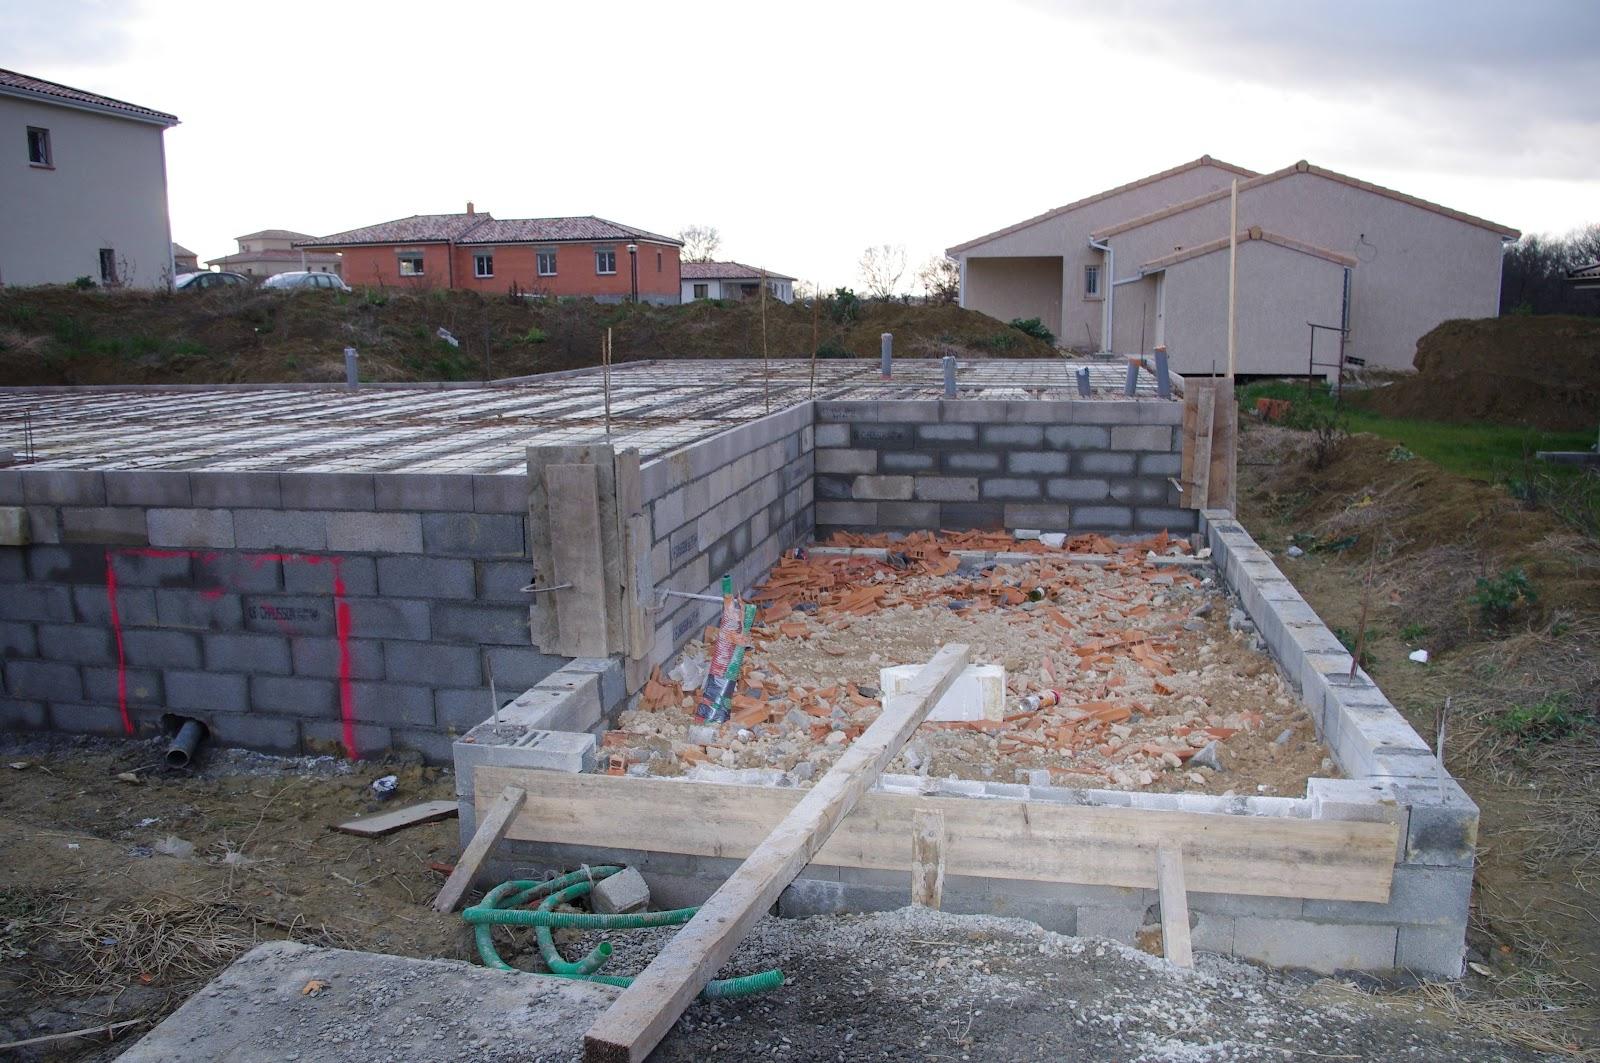 Notre maison bbc par le mas toulousain quelques nouvelles de notre chantier - Maison sur vide sanitaire ...